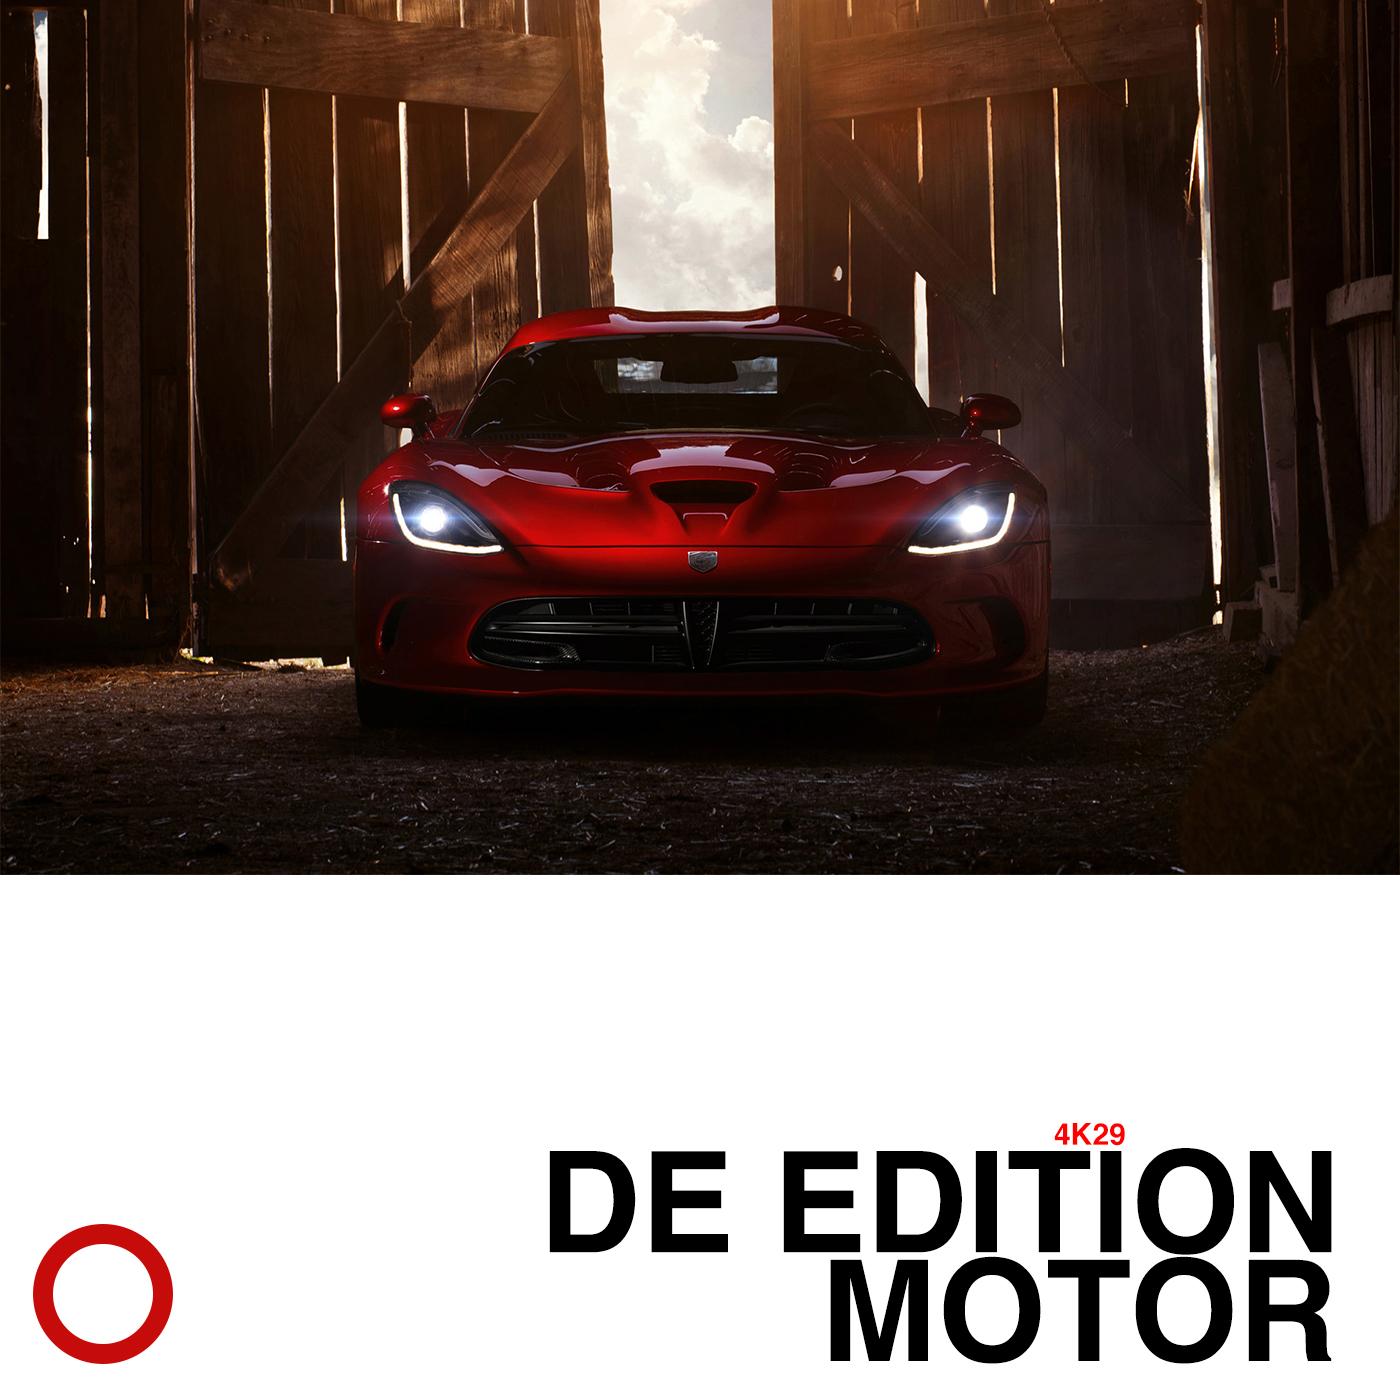 DE EDITION MOTOR 4K29